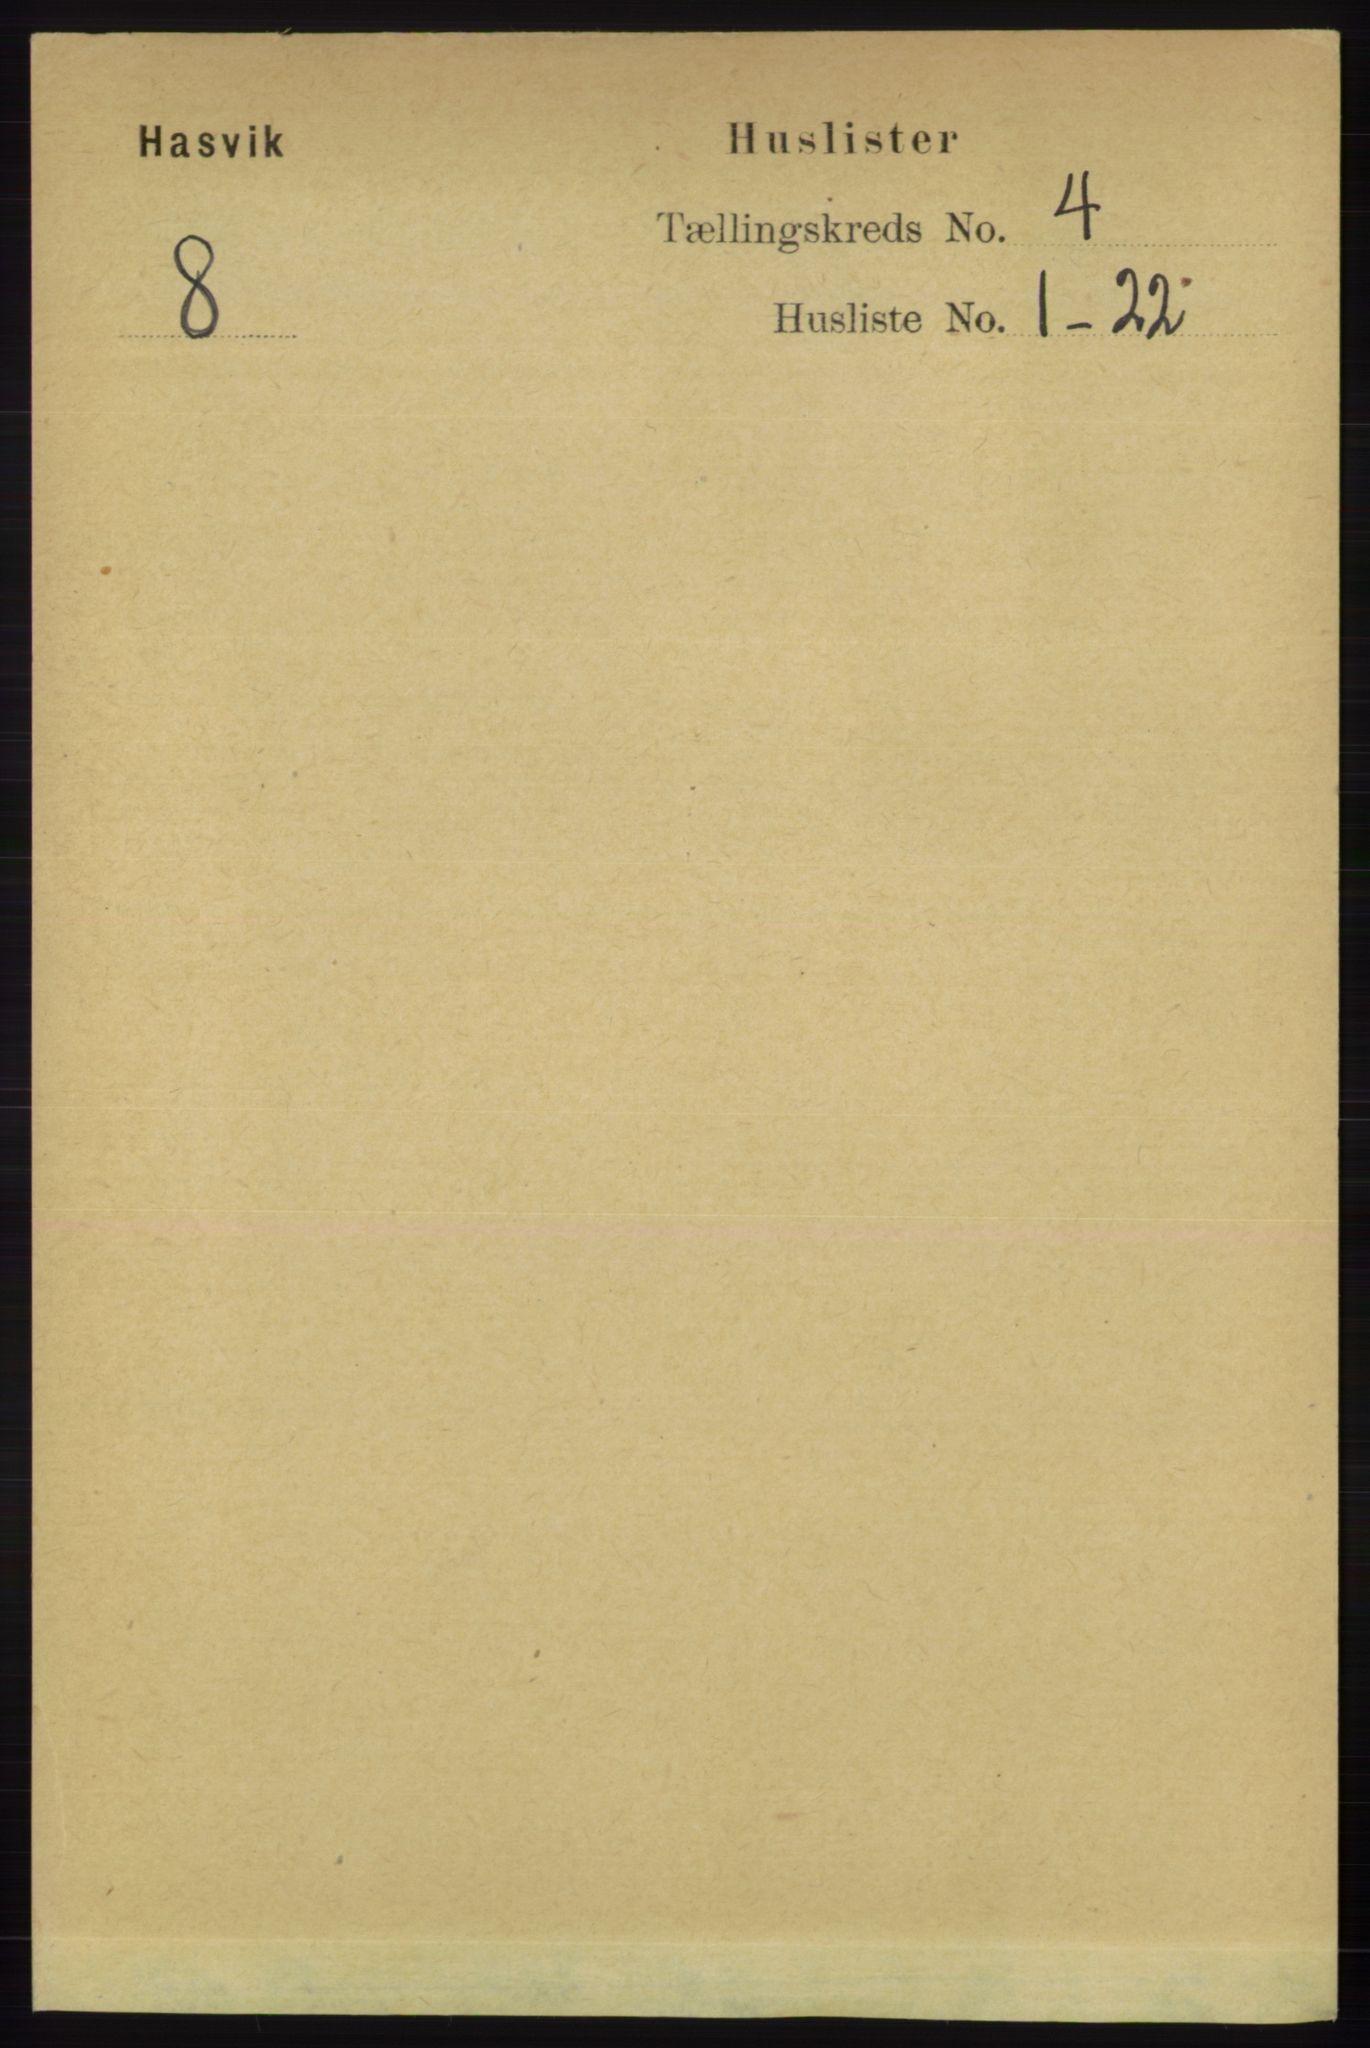 RA, Folketelling 1891 for 2015 Hasvik herred, 1891, s. 465